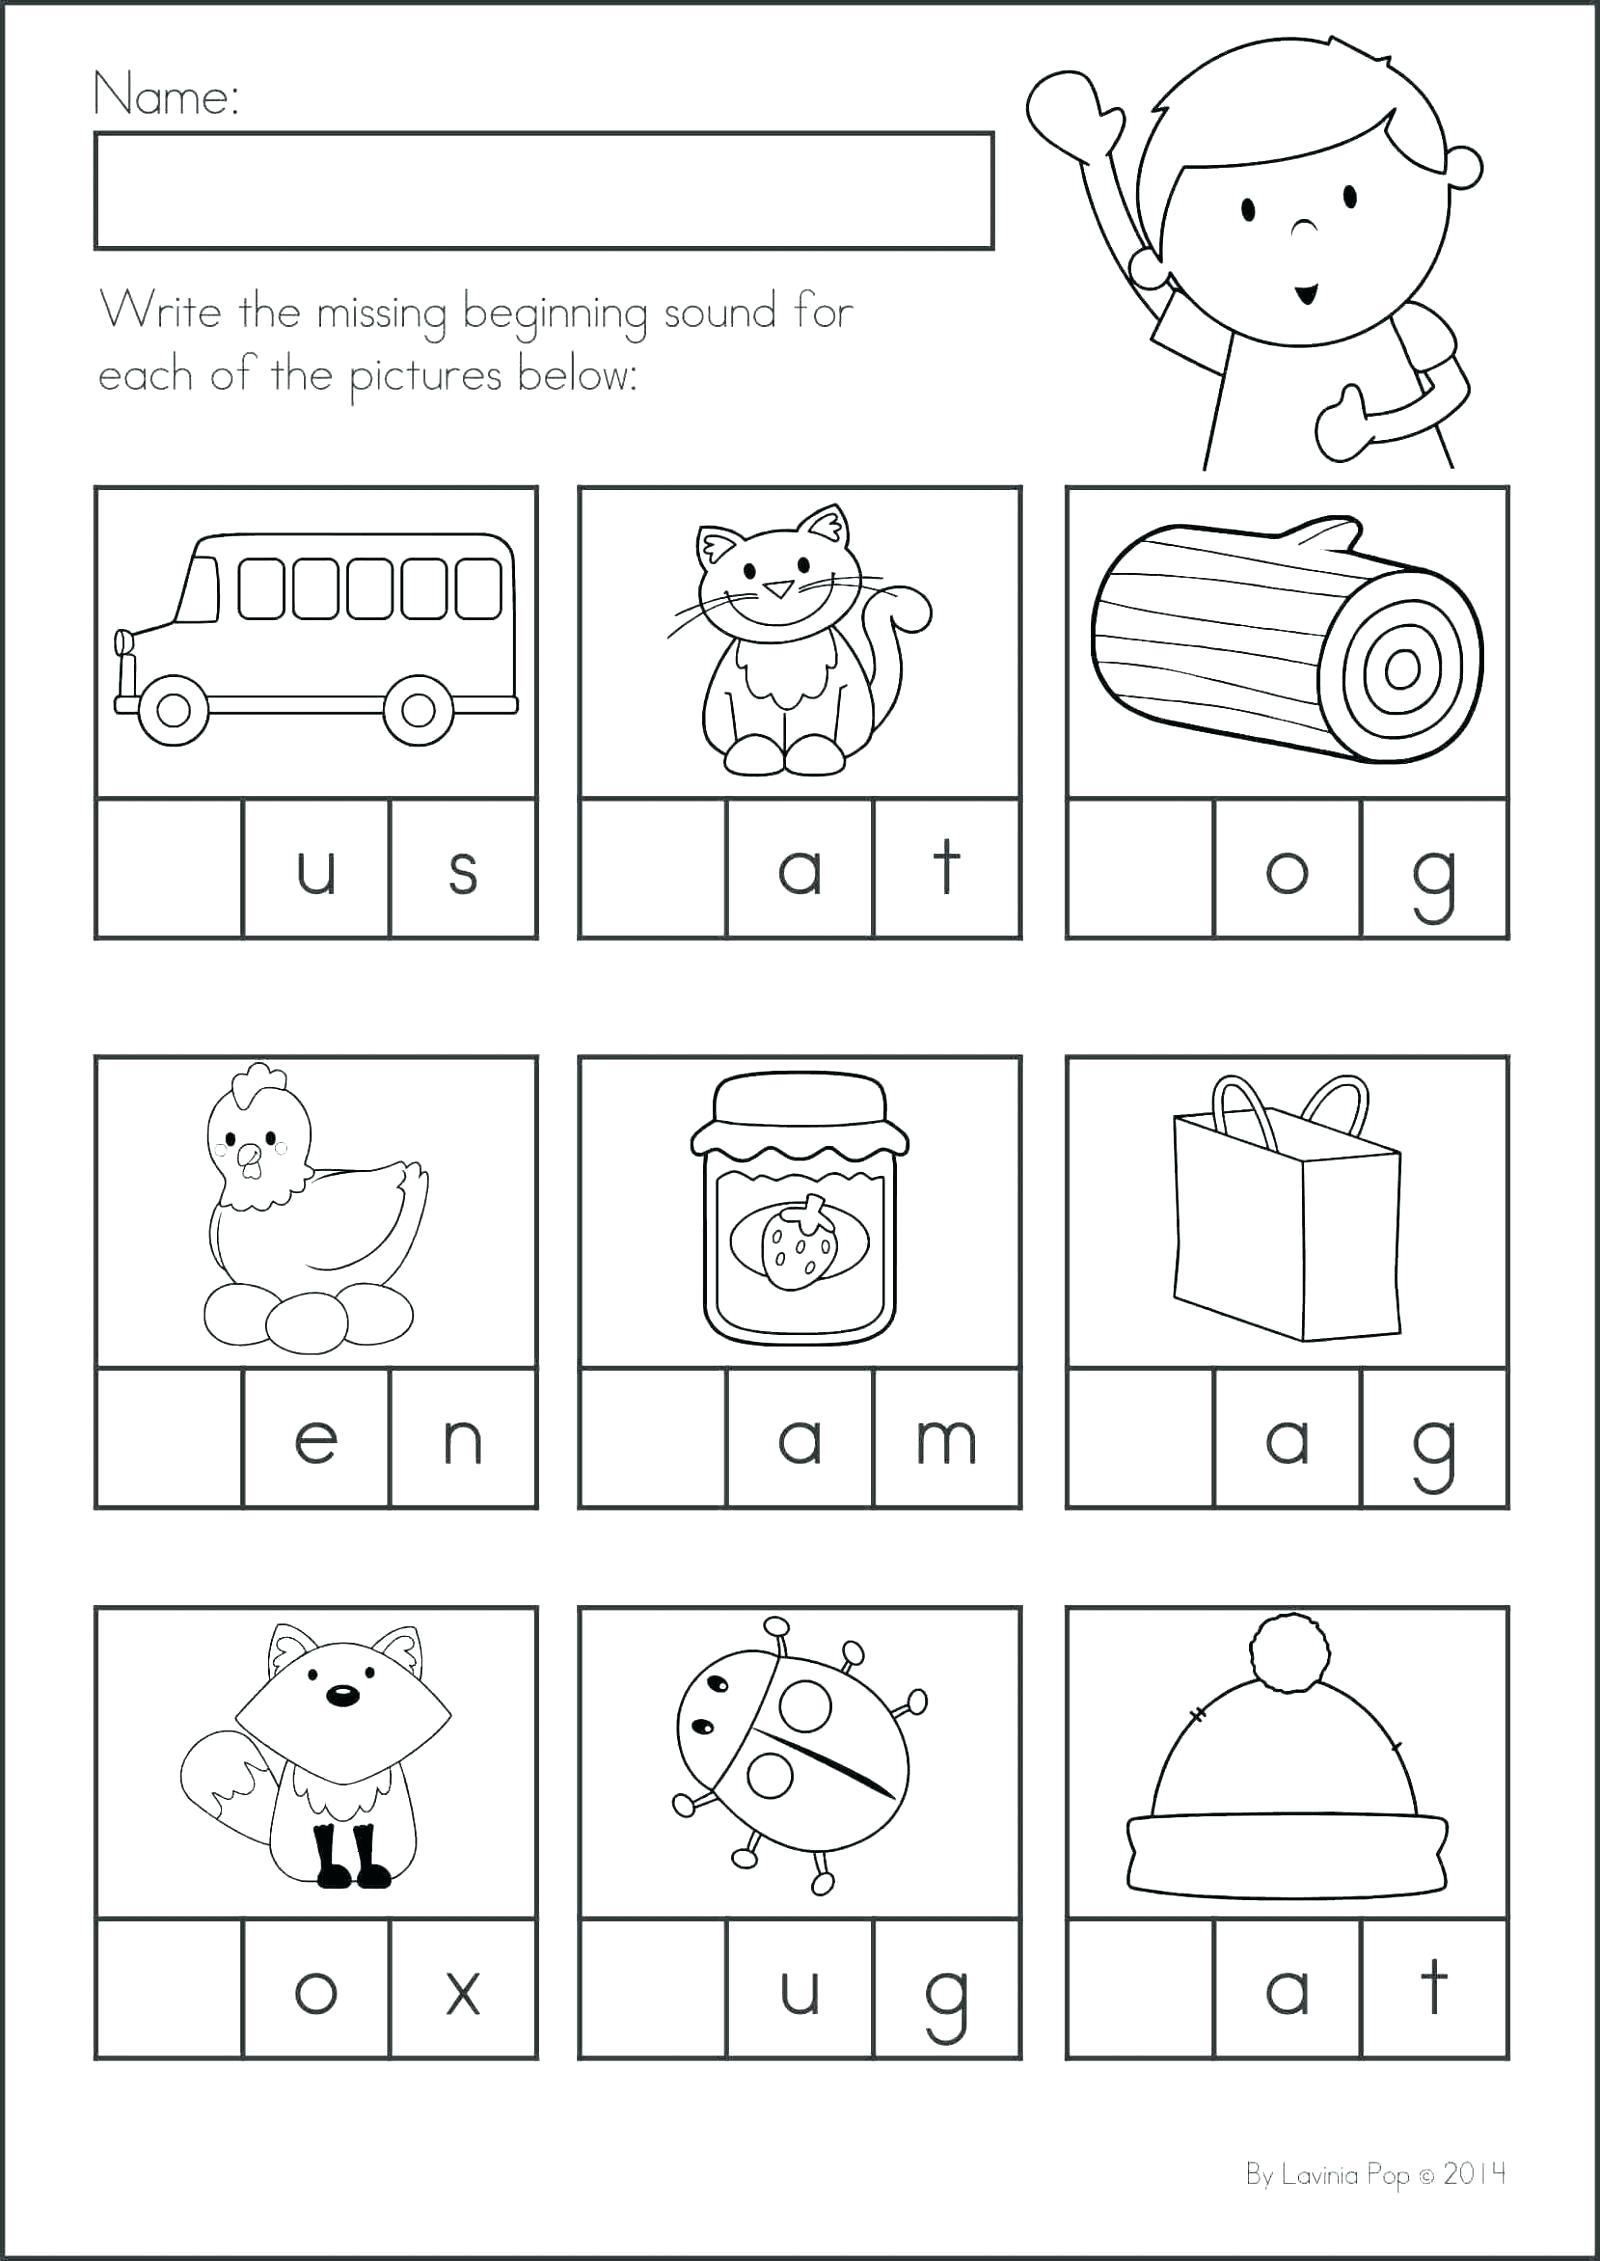 Worksheet ~ Astonishing Free Preschool Worksheet